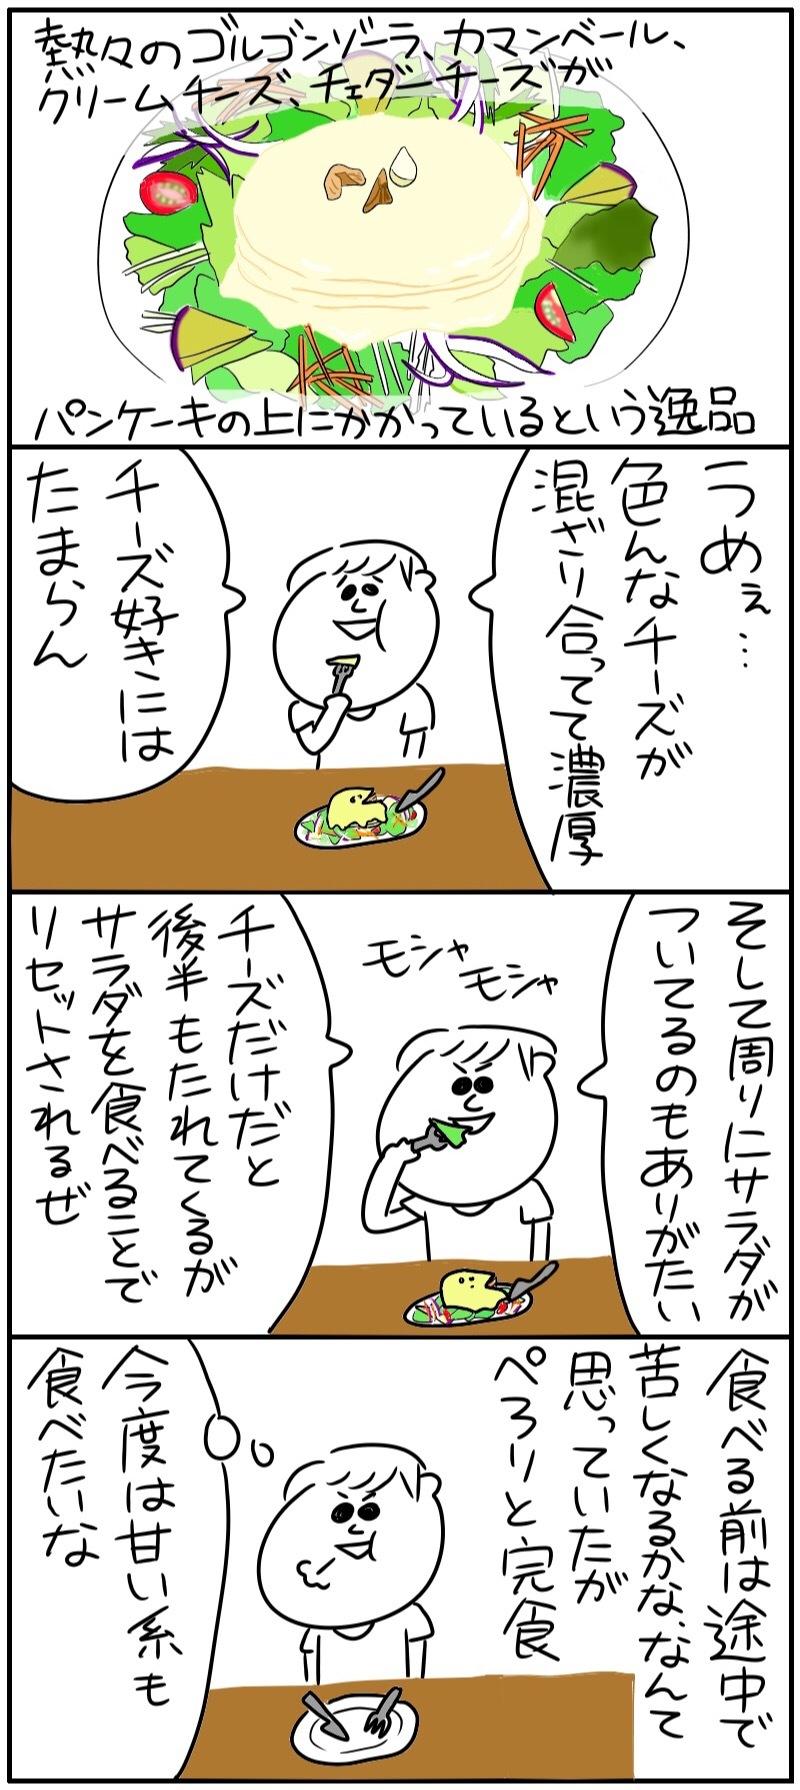 ほしみの飯道楽〜パンケーキママカフェ VoiVoi〜_f0346353_19584513.jpg